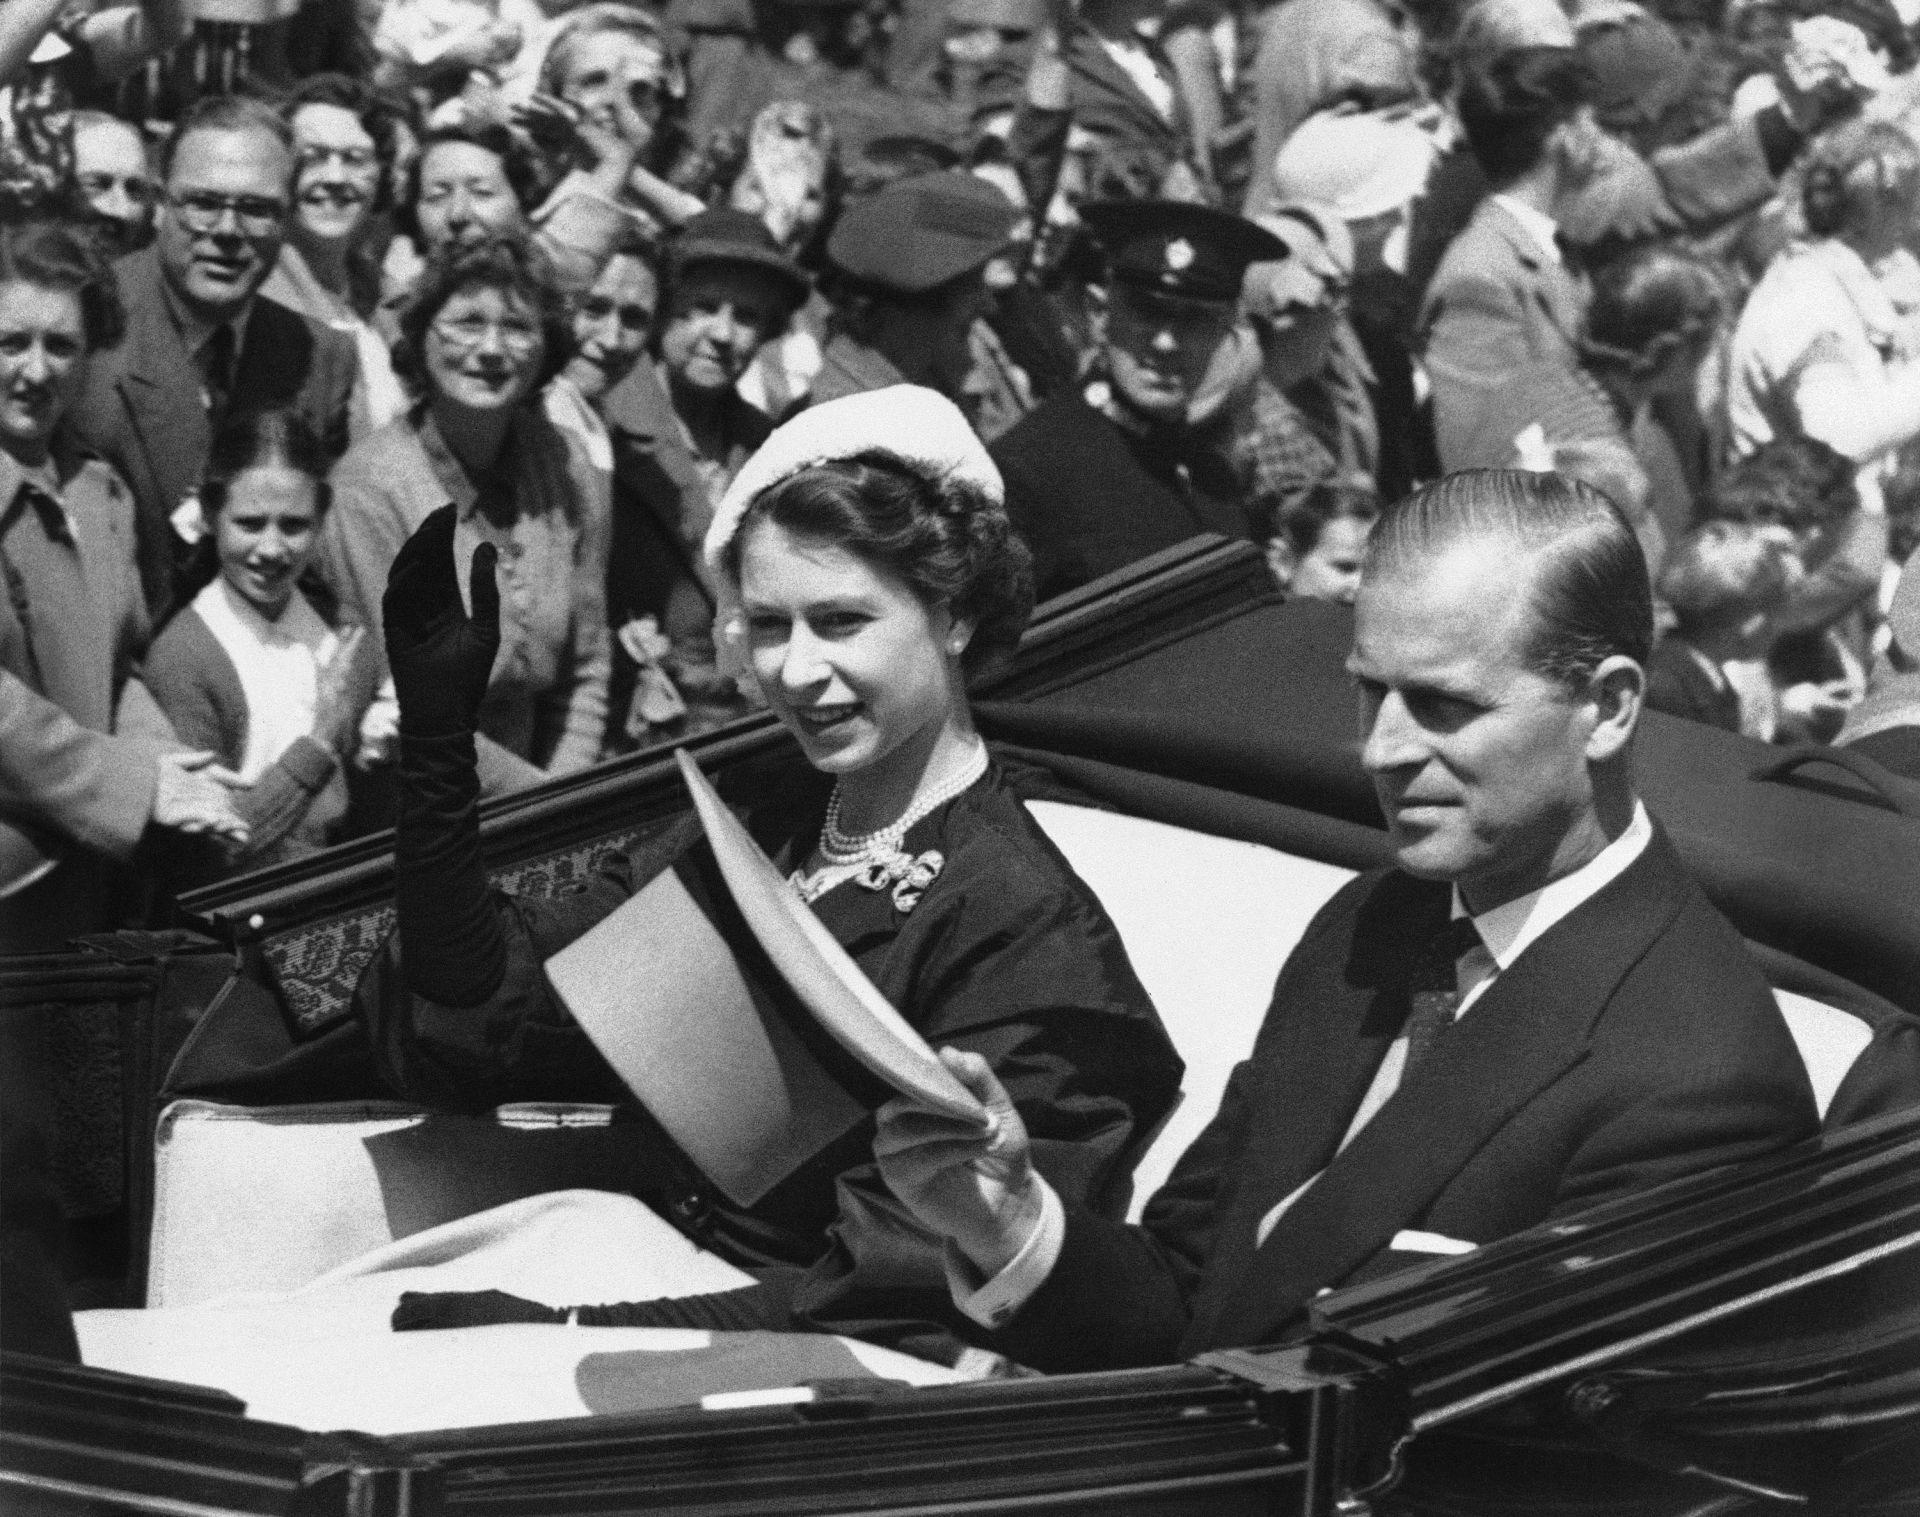 Кралица Елизабет Втора на конните надбКралица Елизабет Втора на конните надбягвания през 1952 г